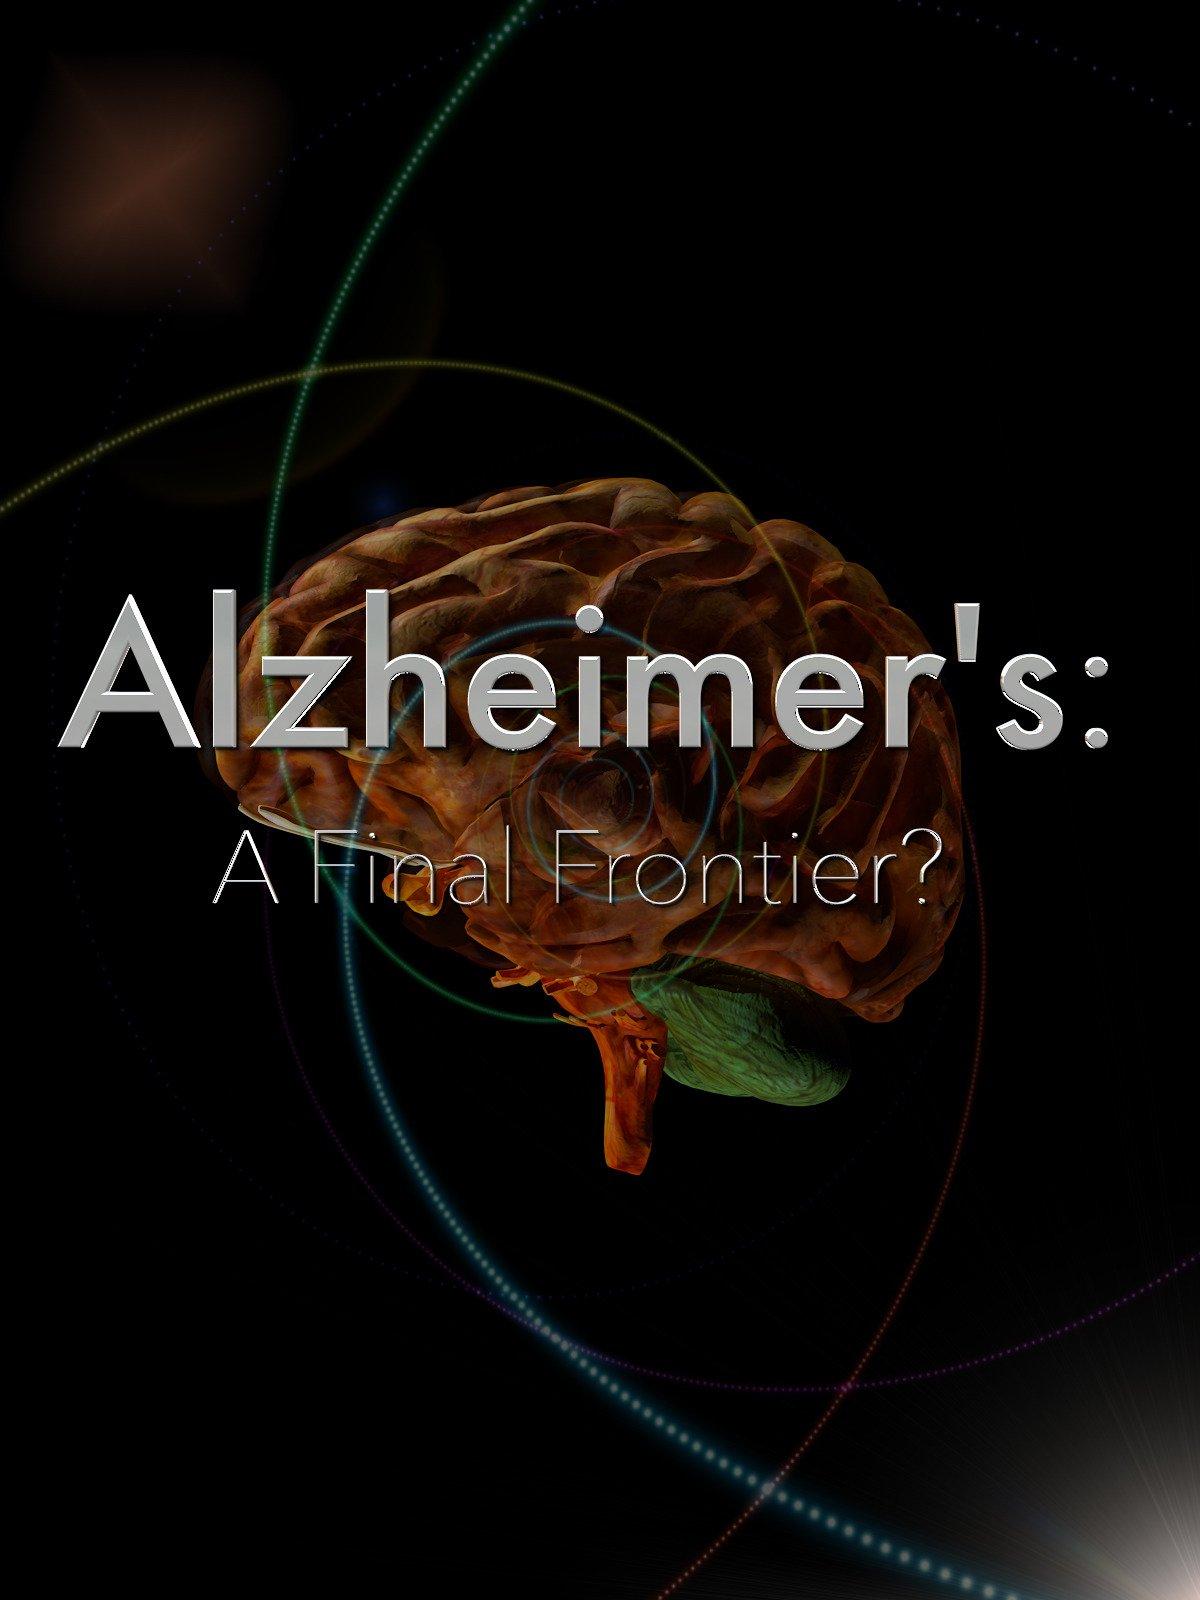 Alzheimer's: The Final Frontier?